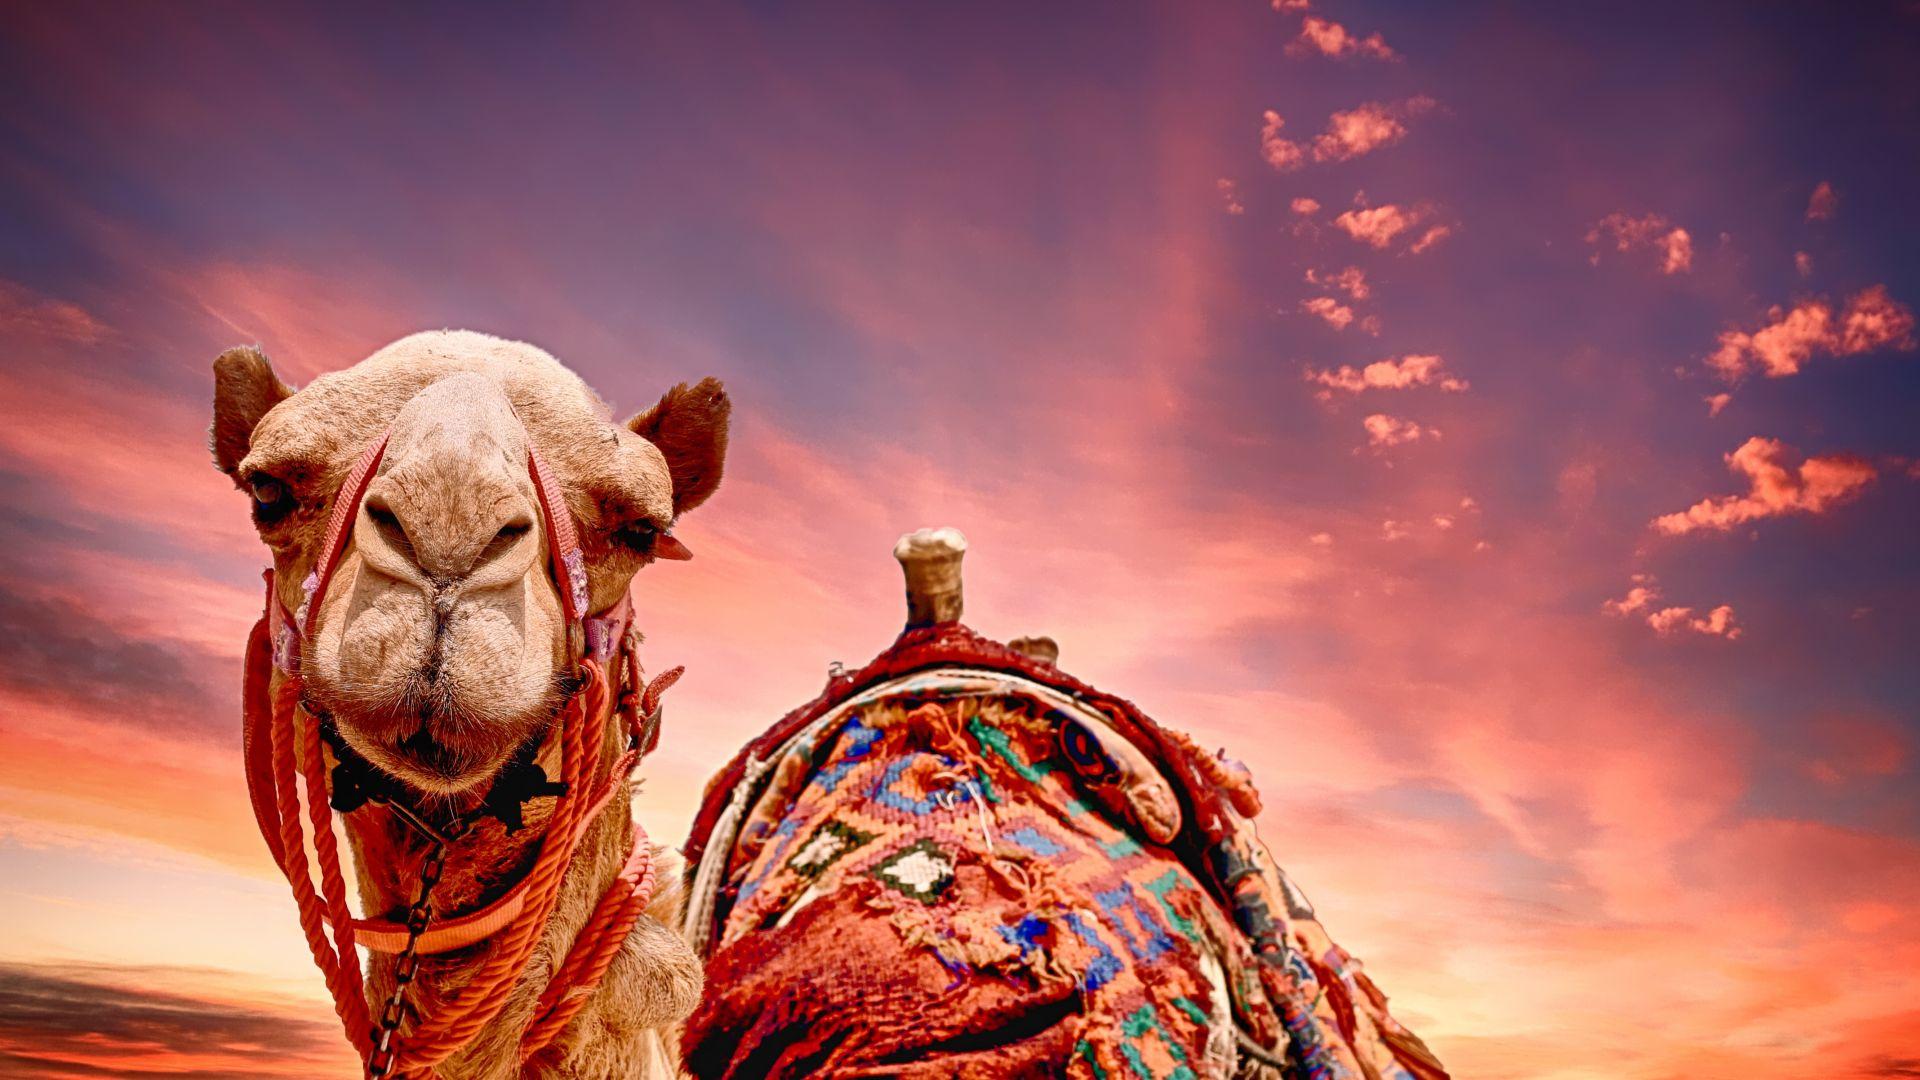 Desktop Wallpaper Camel Sunset Desert Animal Hd Image